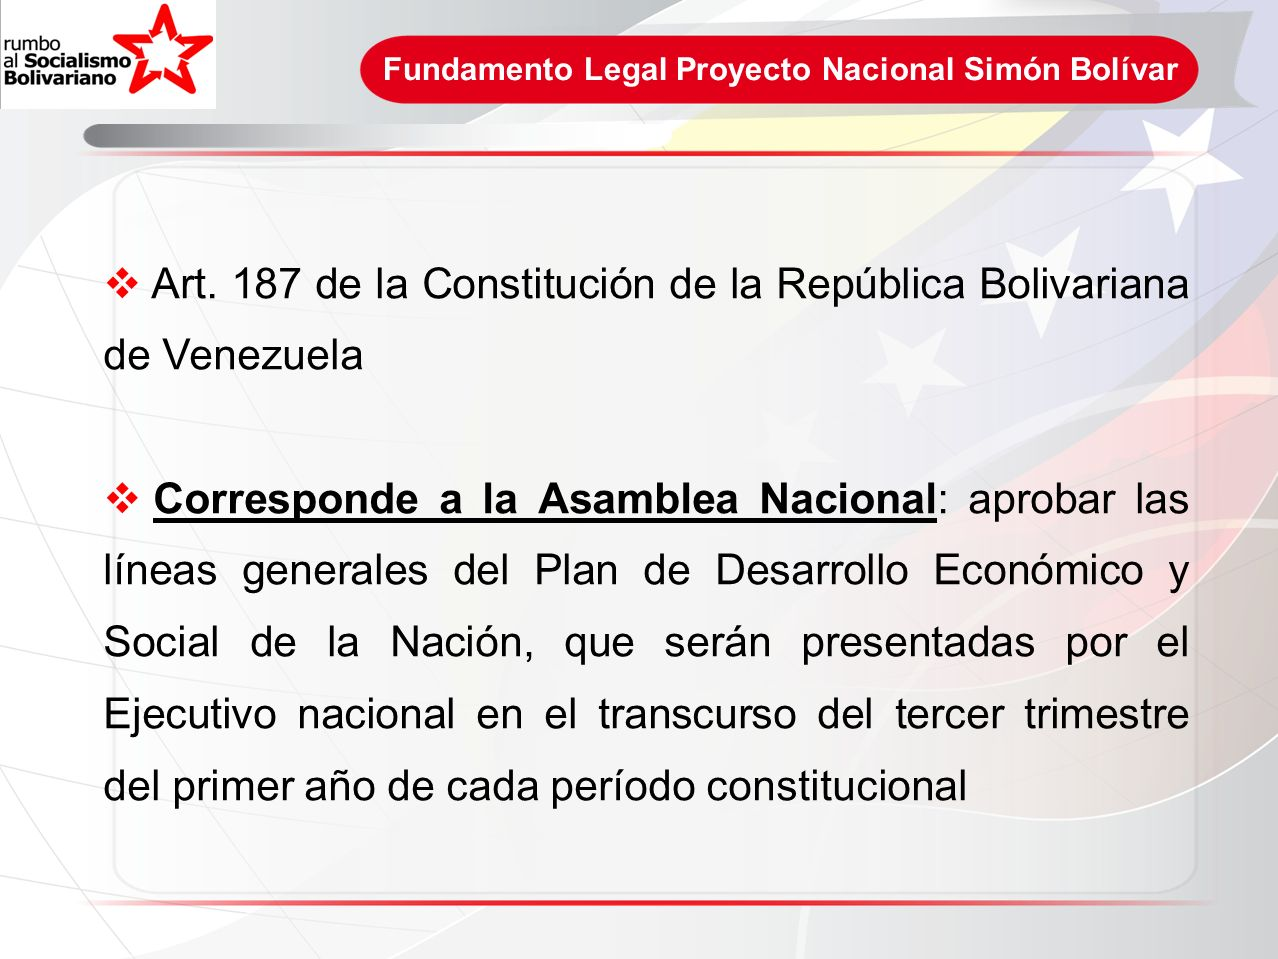 Antecedentes Proyecto Nacional Simón Bolívar Alcancemos la Justicia Social Construyamos la Democracia Bolivariana Desarrollemos una Economía Productiva Alcancemos la Justicia Social Ocupemos y consolidemos el territorio Fortalezcamos la soberanía en la integración multipolar Plan de Desarrollo Económico y Social de la Nación 2001-2007